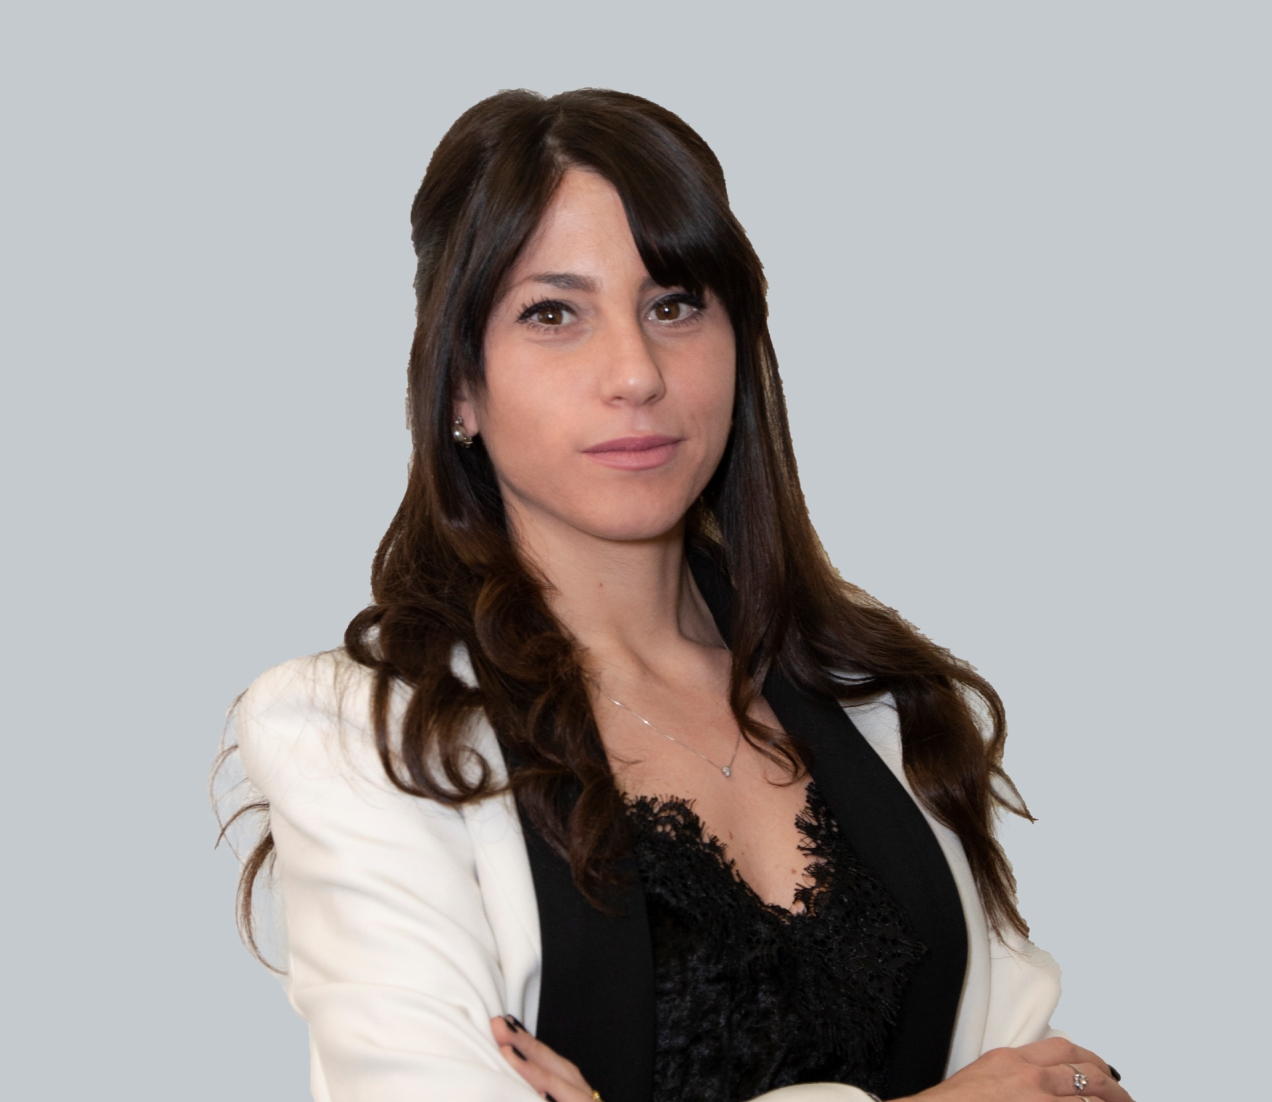 Camilla De Pasquale